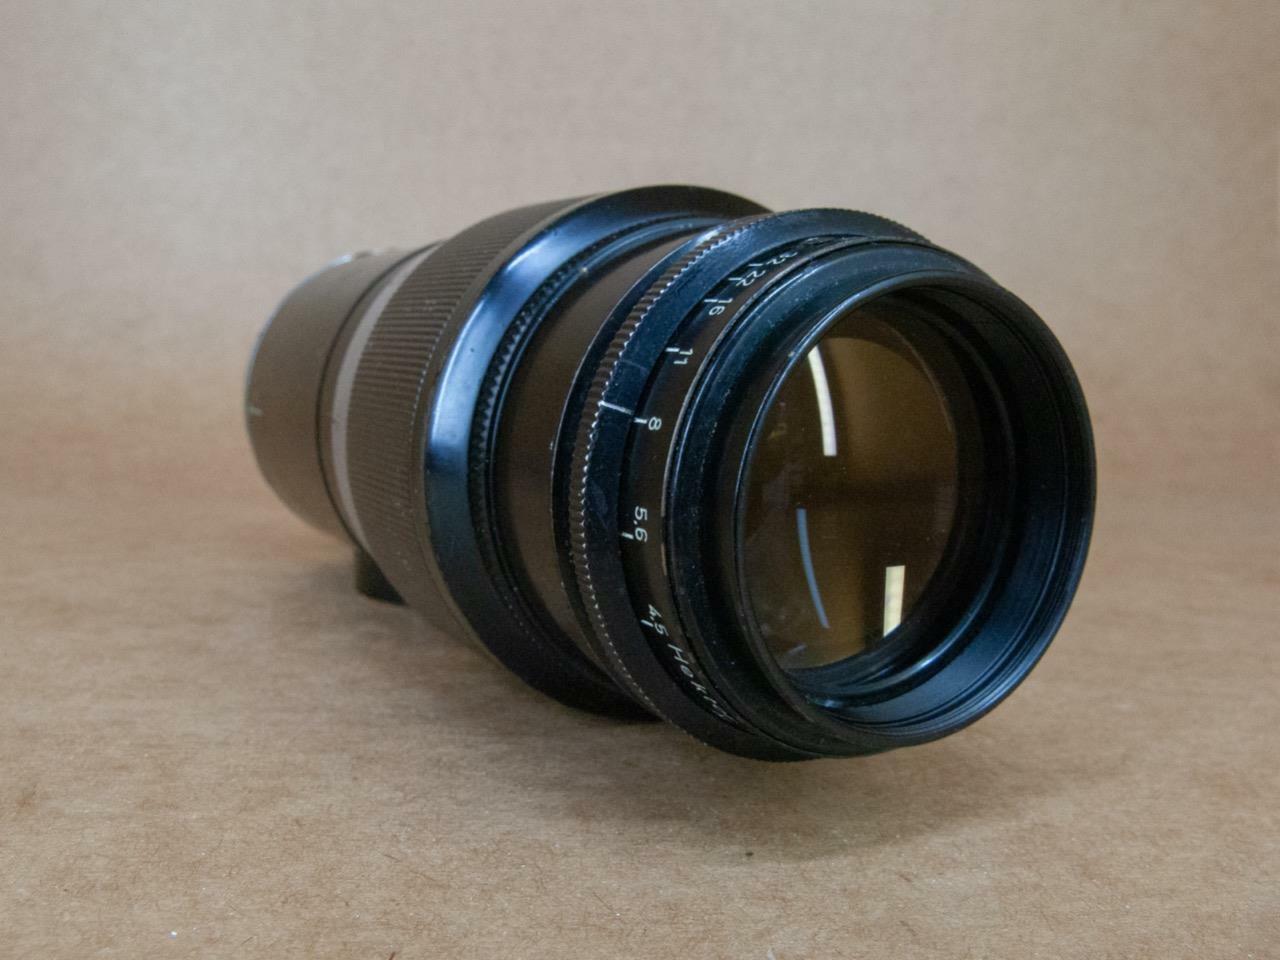 Leitz Leica 135mm 1:4.5 Hektor Black/Chrome finish 1936 - Coated